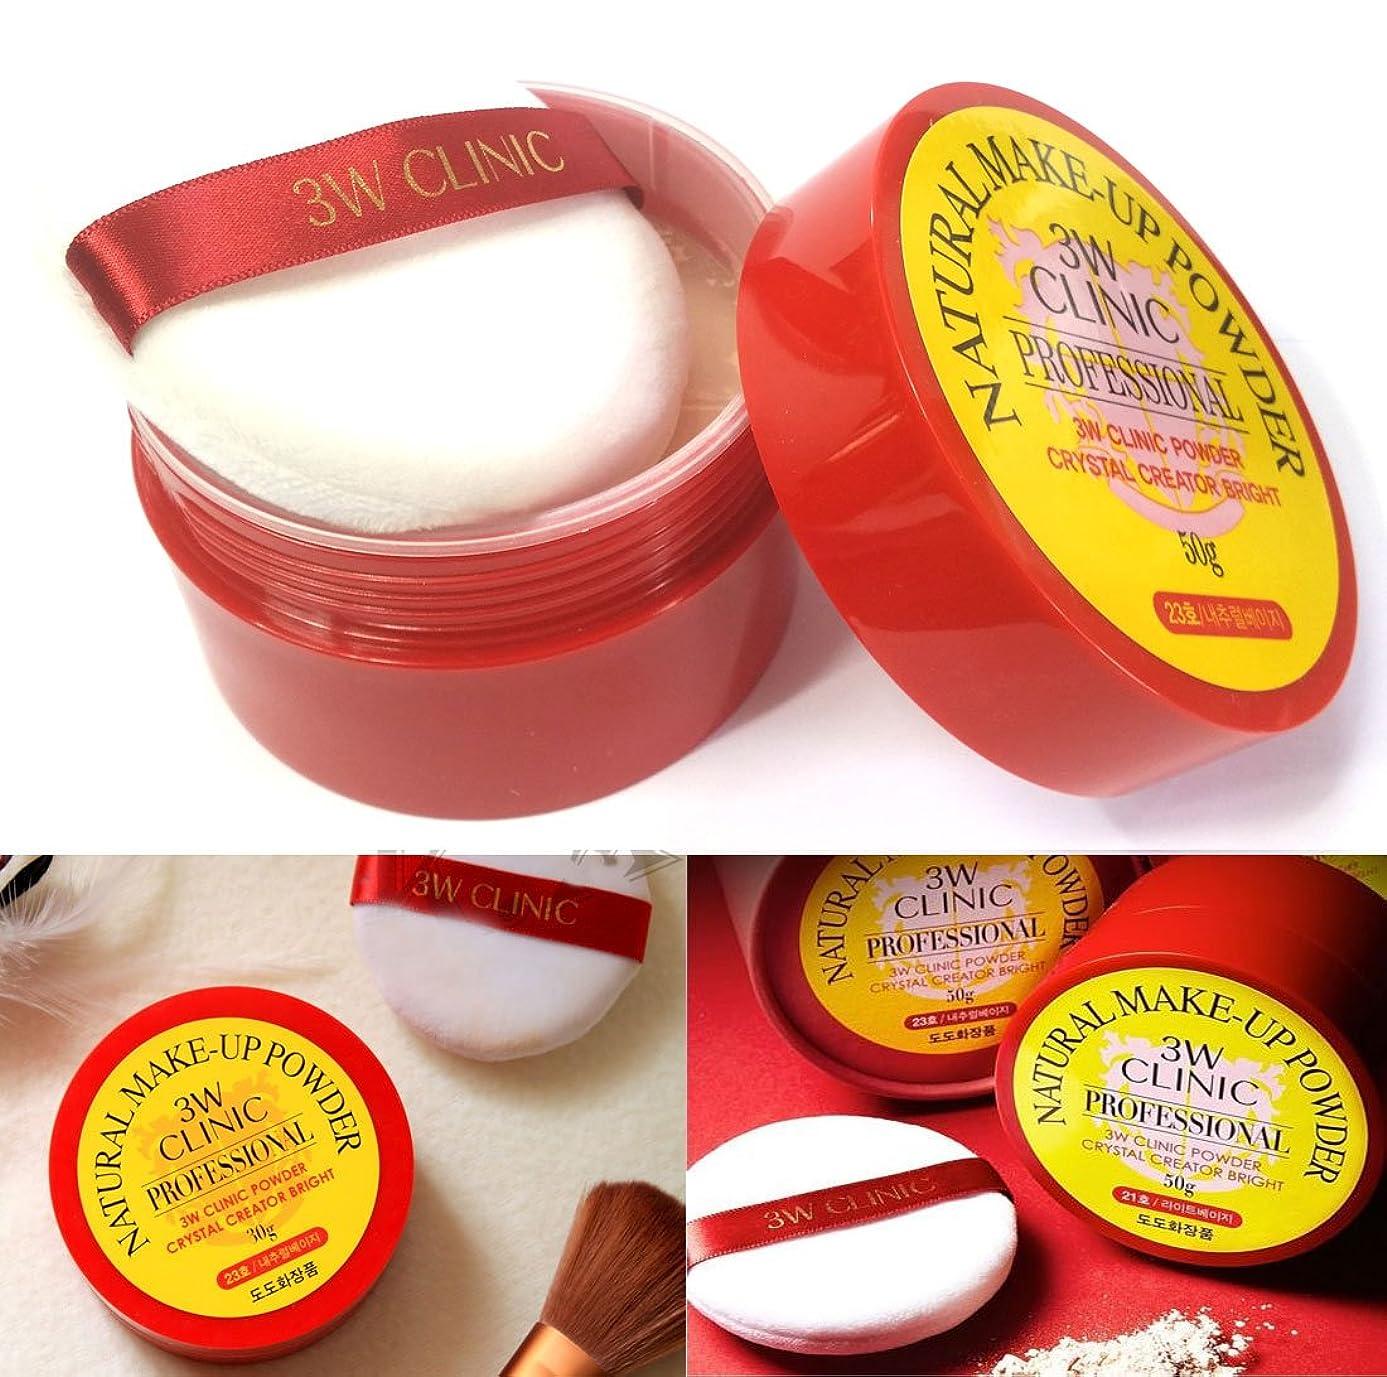 曲げる狭いインディカ[3W Clinic] ドドーナチュラルメイクアップパウダークリスタルクリエイターブライト50g / DODO Natural Makeup Powder Crystal Creator Bright 50g /#23ナチュラルベージュ / 韓国化粧品 / #23 Natural Beige/Korean Cosmetics (1EA) [並行輸入品]